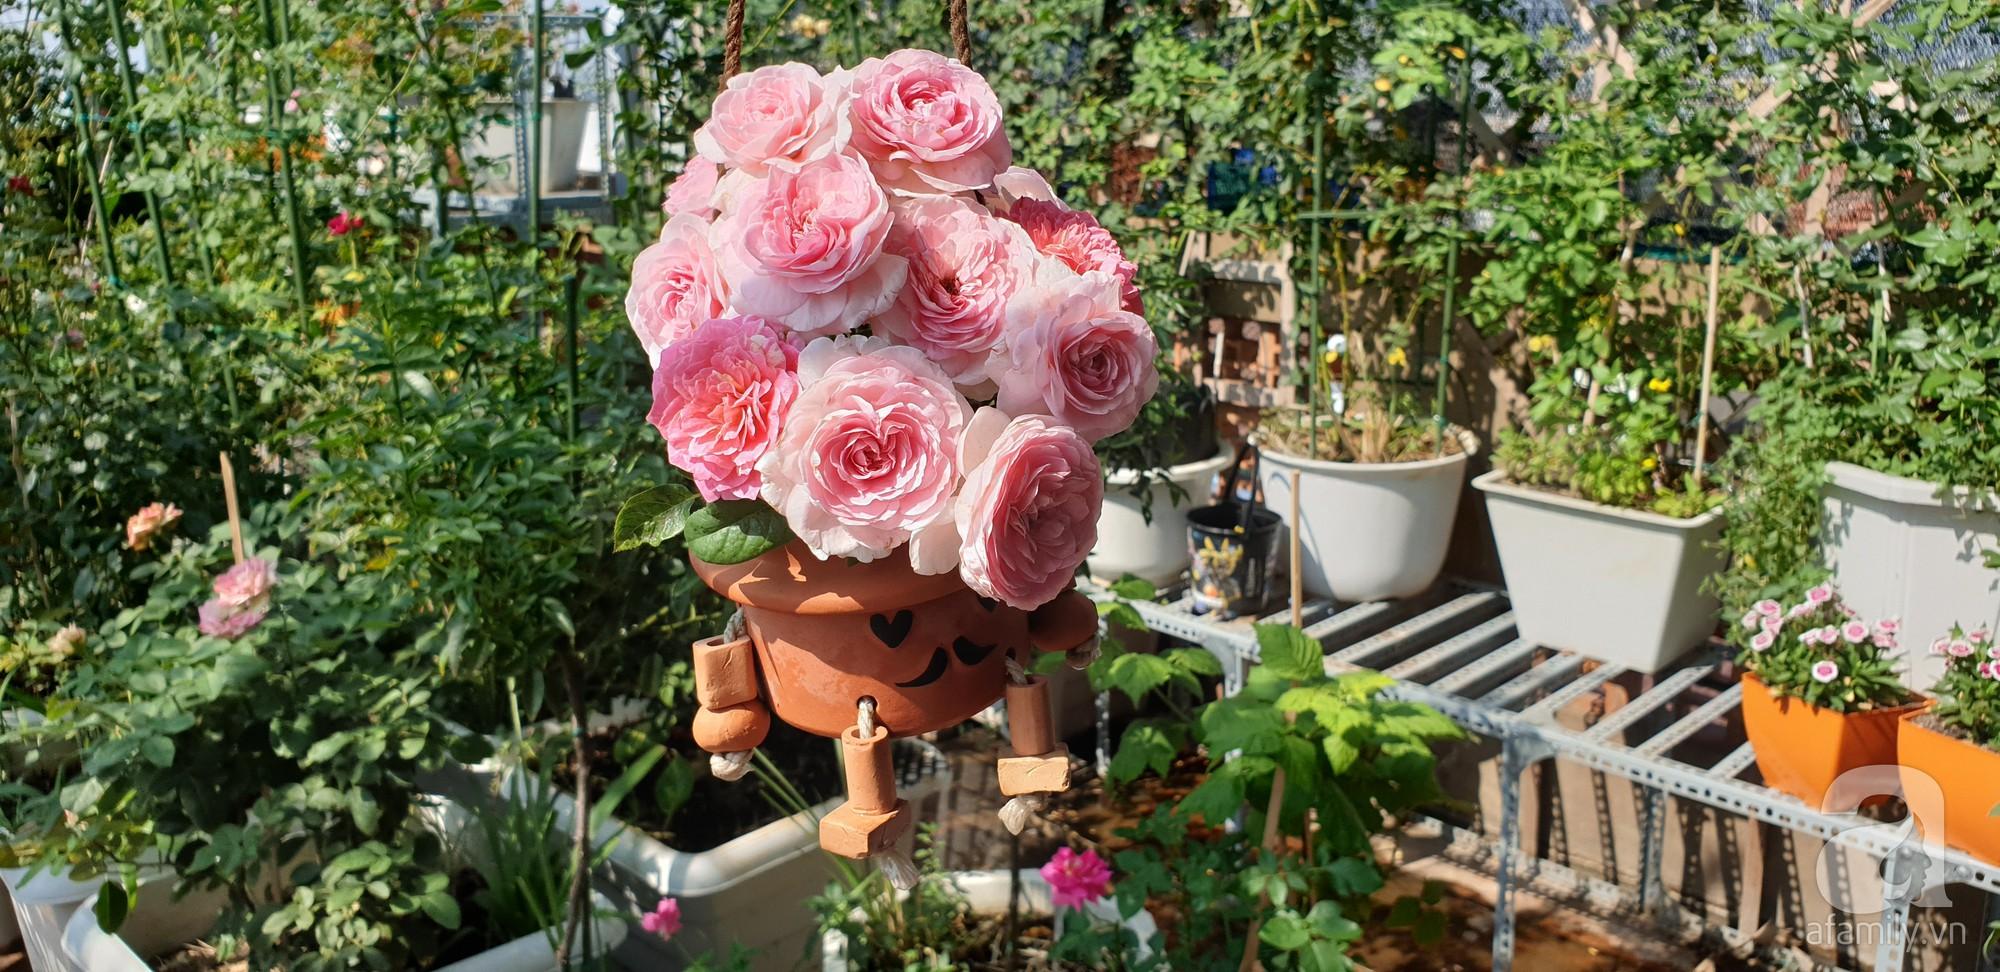 Vườn hồng trên sân thượng rực rỡ sắc màu của chàng trai 8x siêu đảm ở Sài Gòn - Ảnh 5.